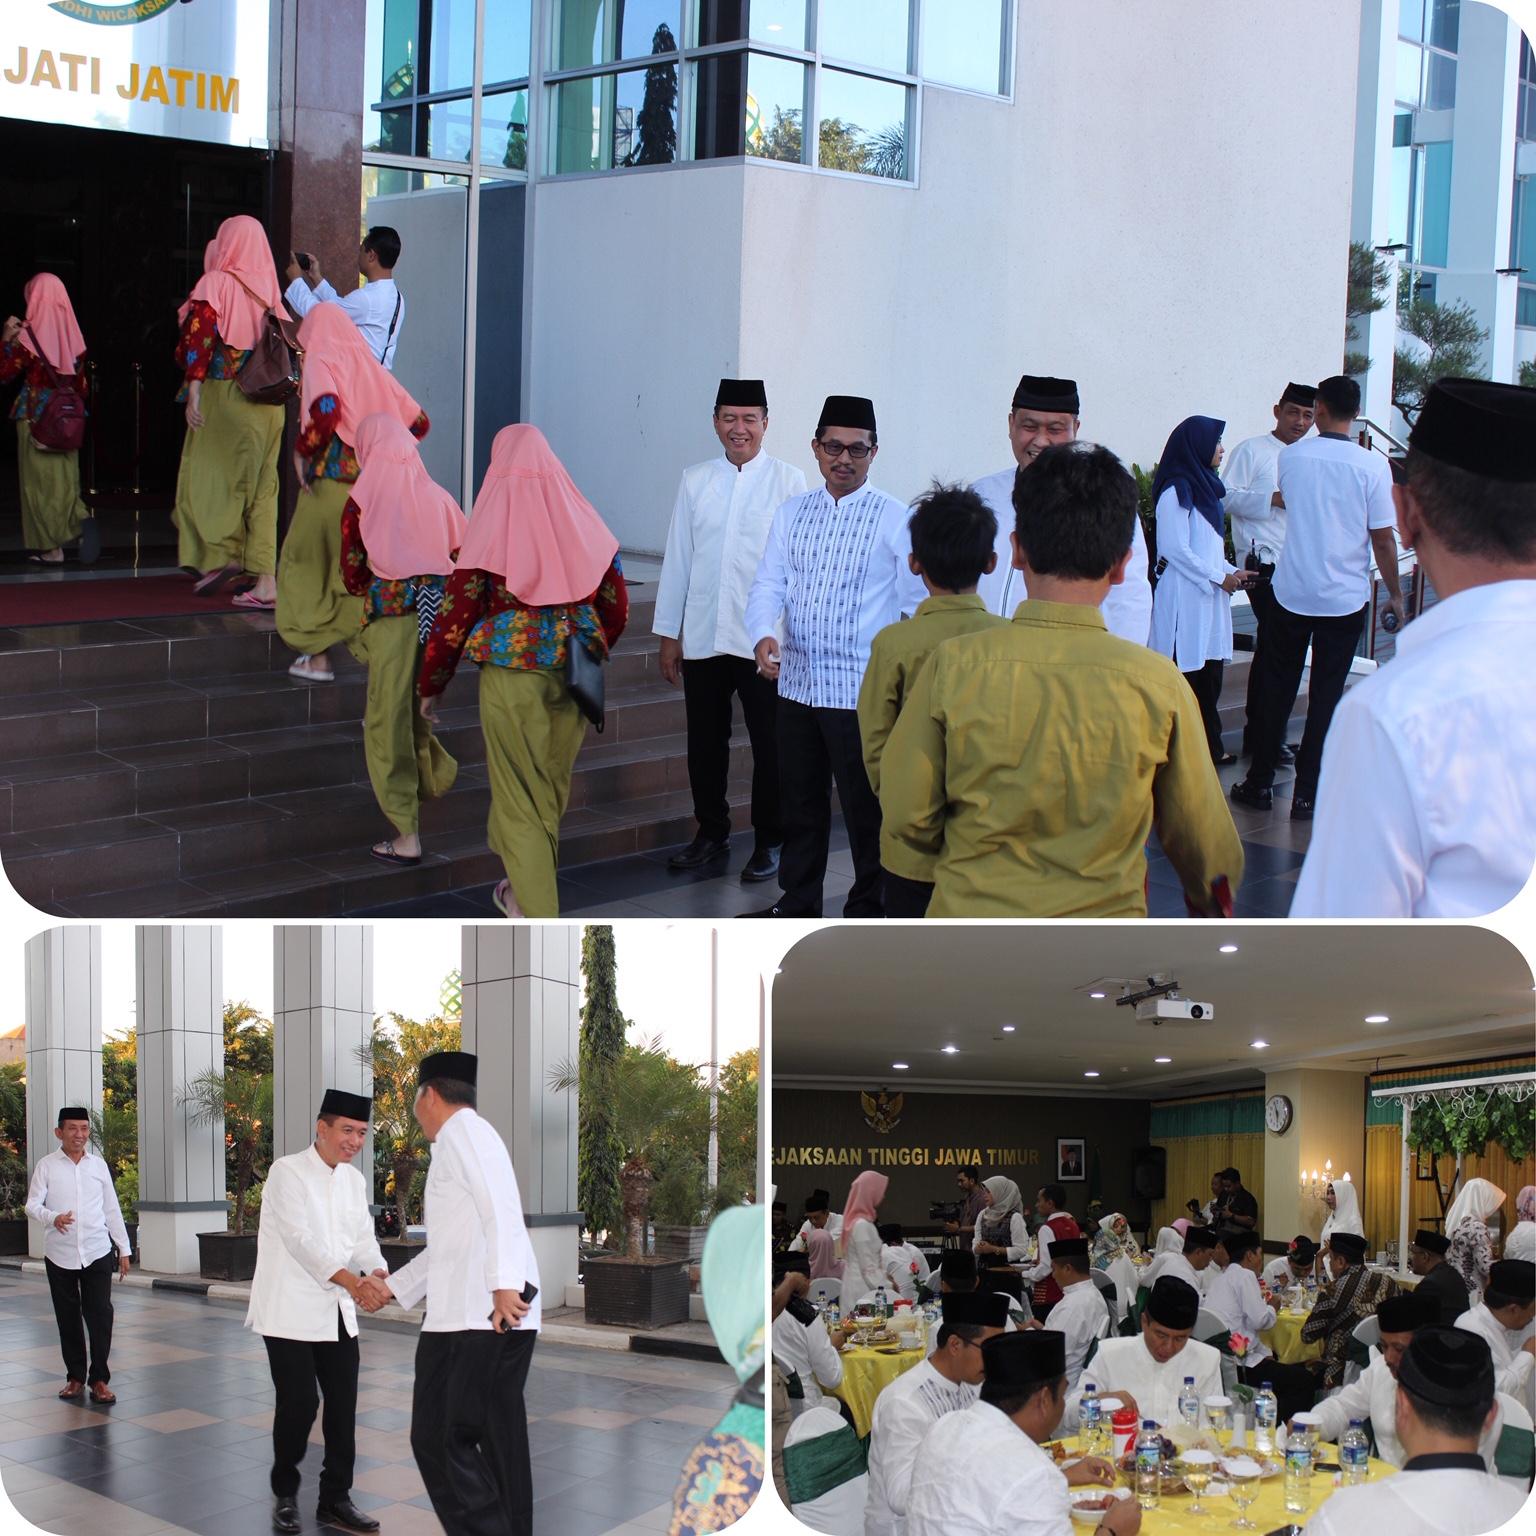 Buka Puasa Bersama di Kejaksaan Tinggi Jawa Timur 21-05-2019